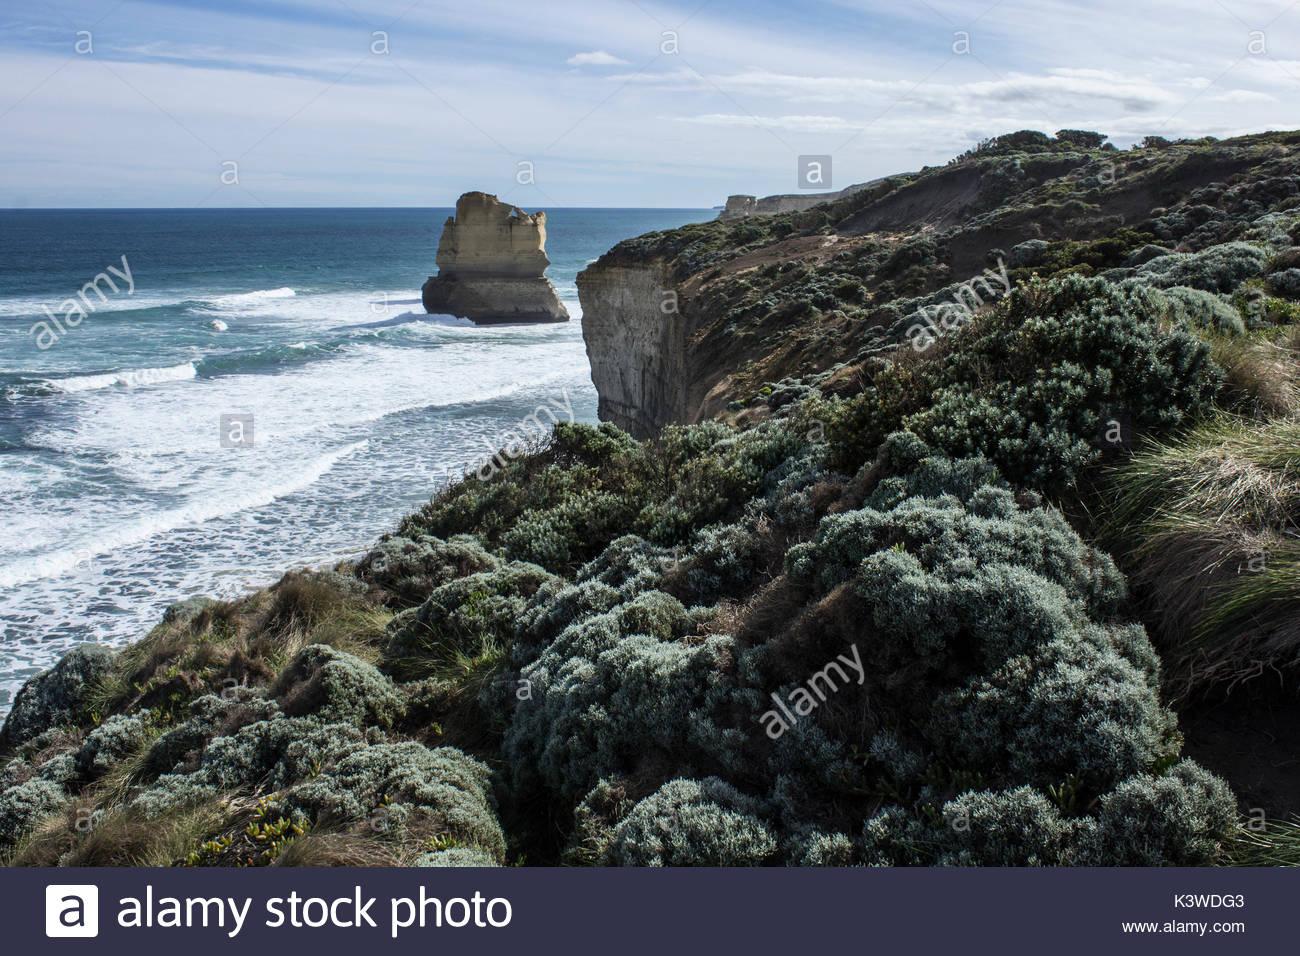 La végétation côtière dans les douze apôtres à Port Campbell National Park, à Victoria, en Australie. Photo Stock